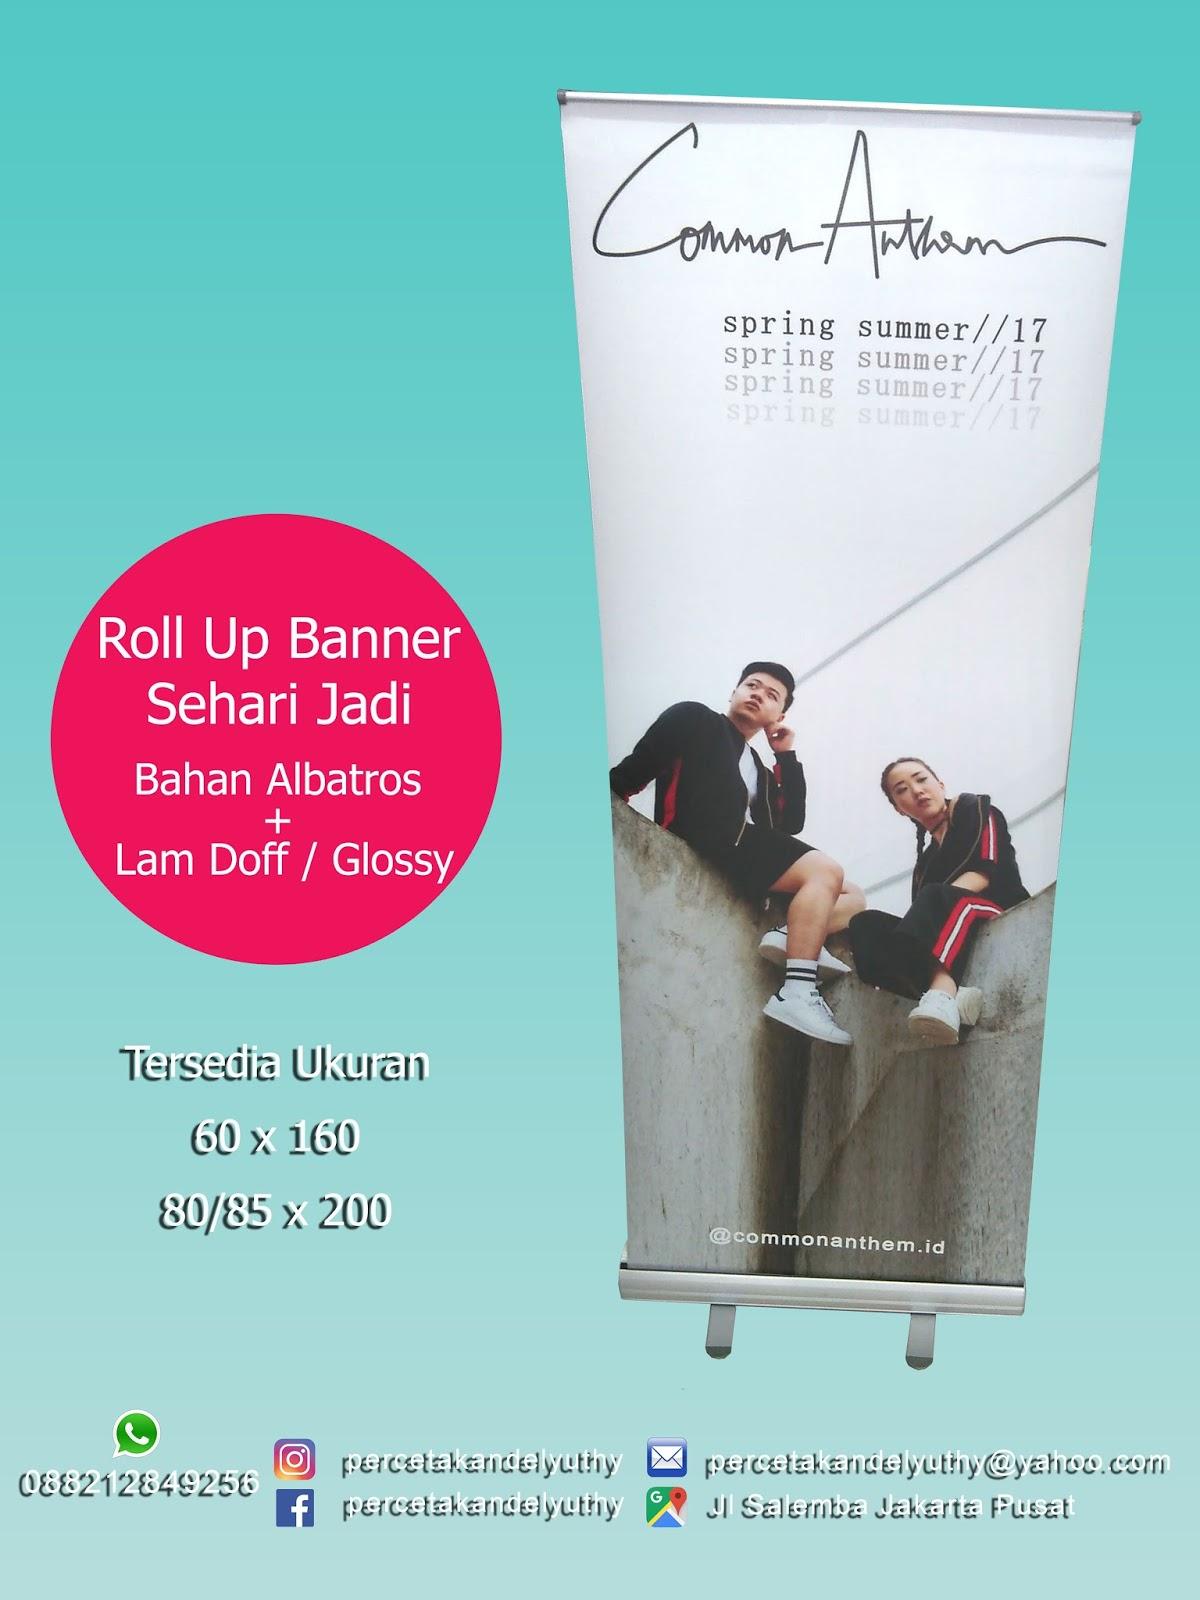 Cetak Roll Up Banner Murah Salemba Jakarta Sehari Jadi Kartu Nama 2 Sisi Laminasi Doff Atau Glossy Jika Belum Ada Kami Siap Sedia Membuatkan Designnya Respon Cepat Layanan 24 Jam Rollup 60x160 Cm Albatros Laminating Rp 275000